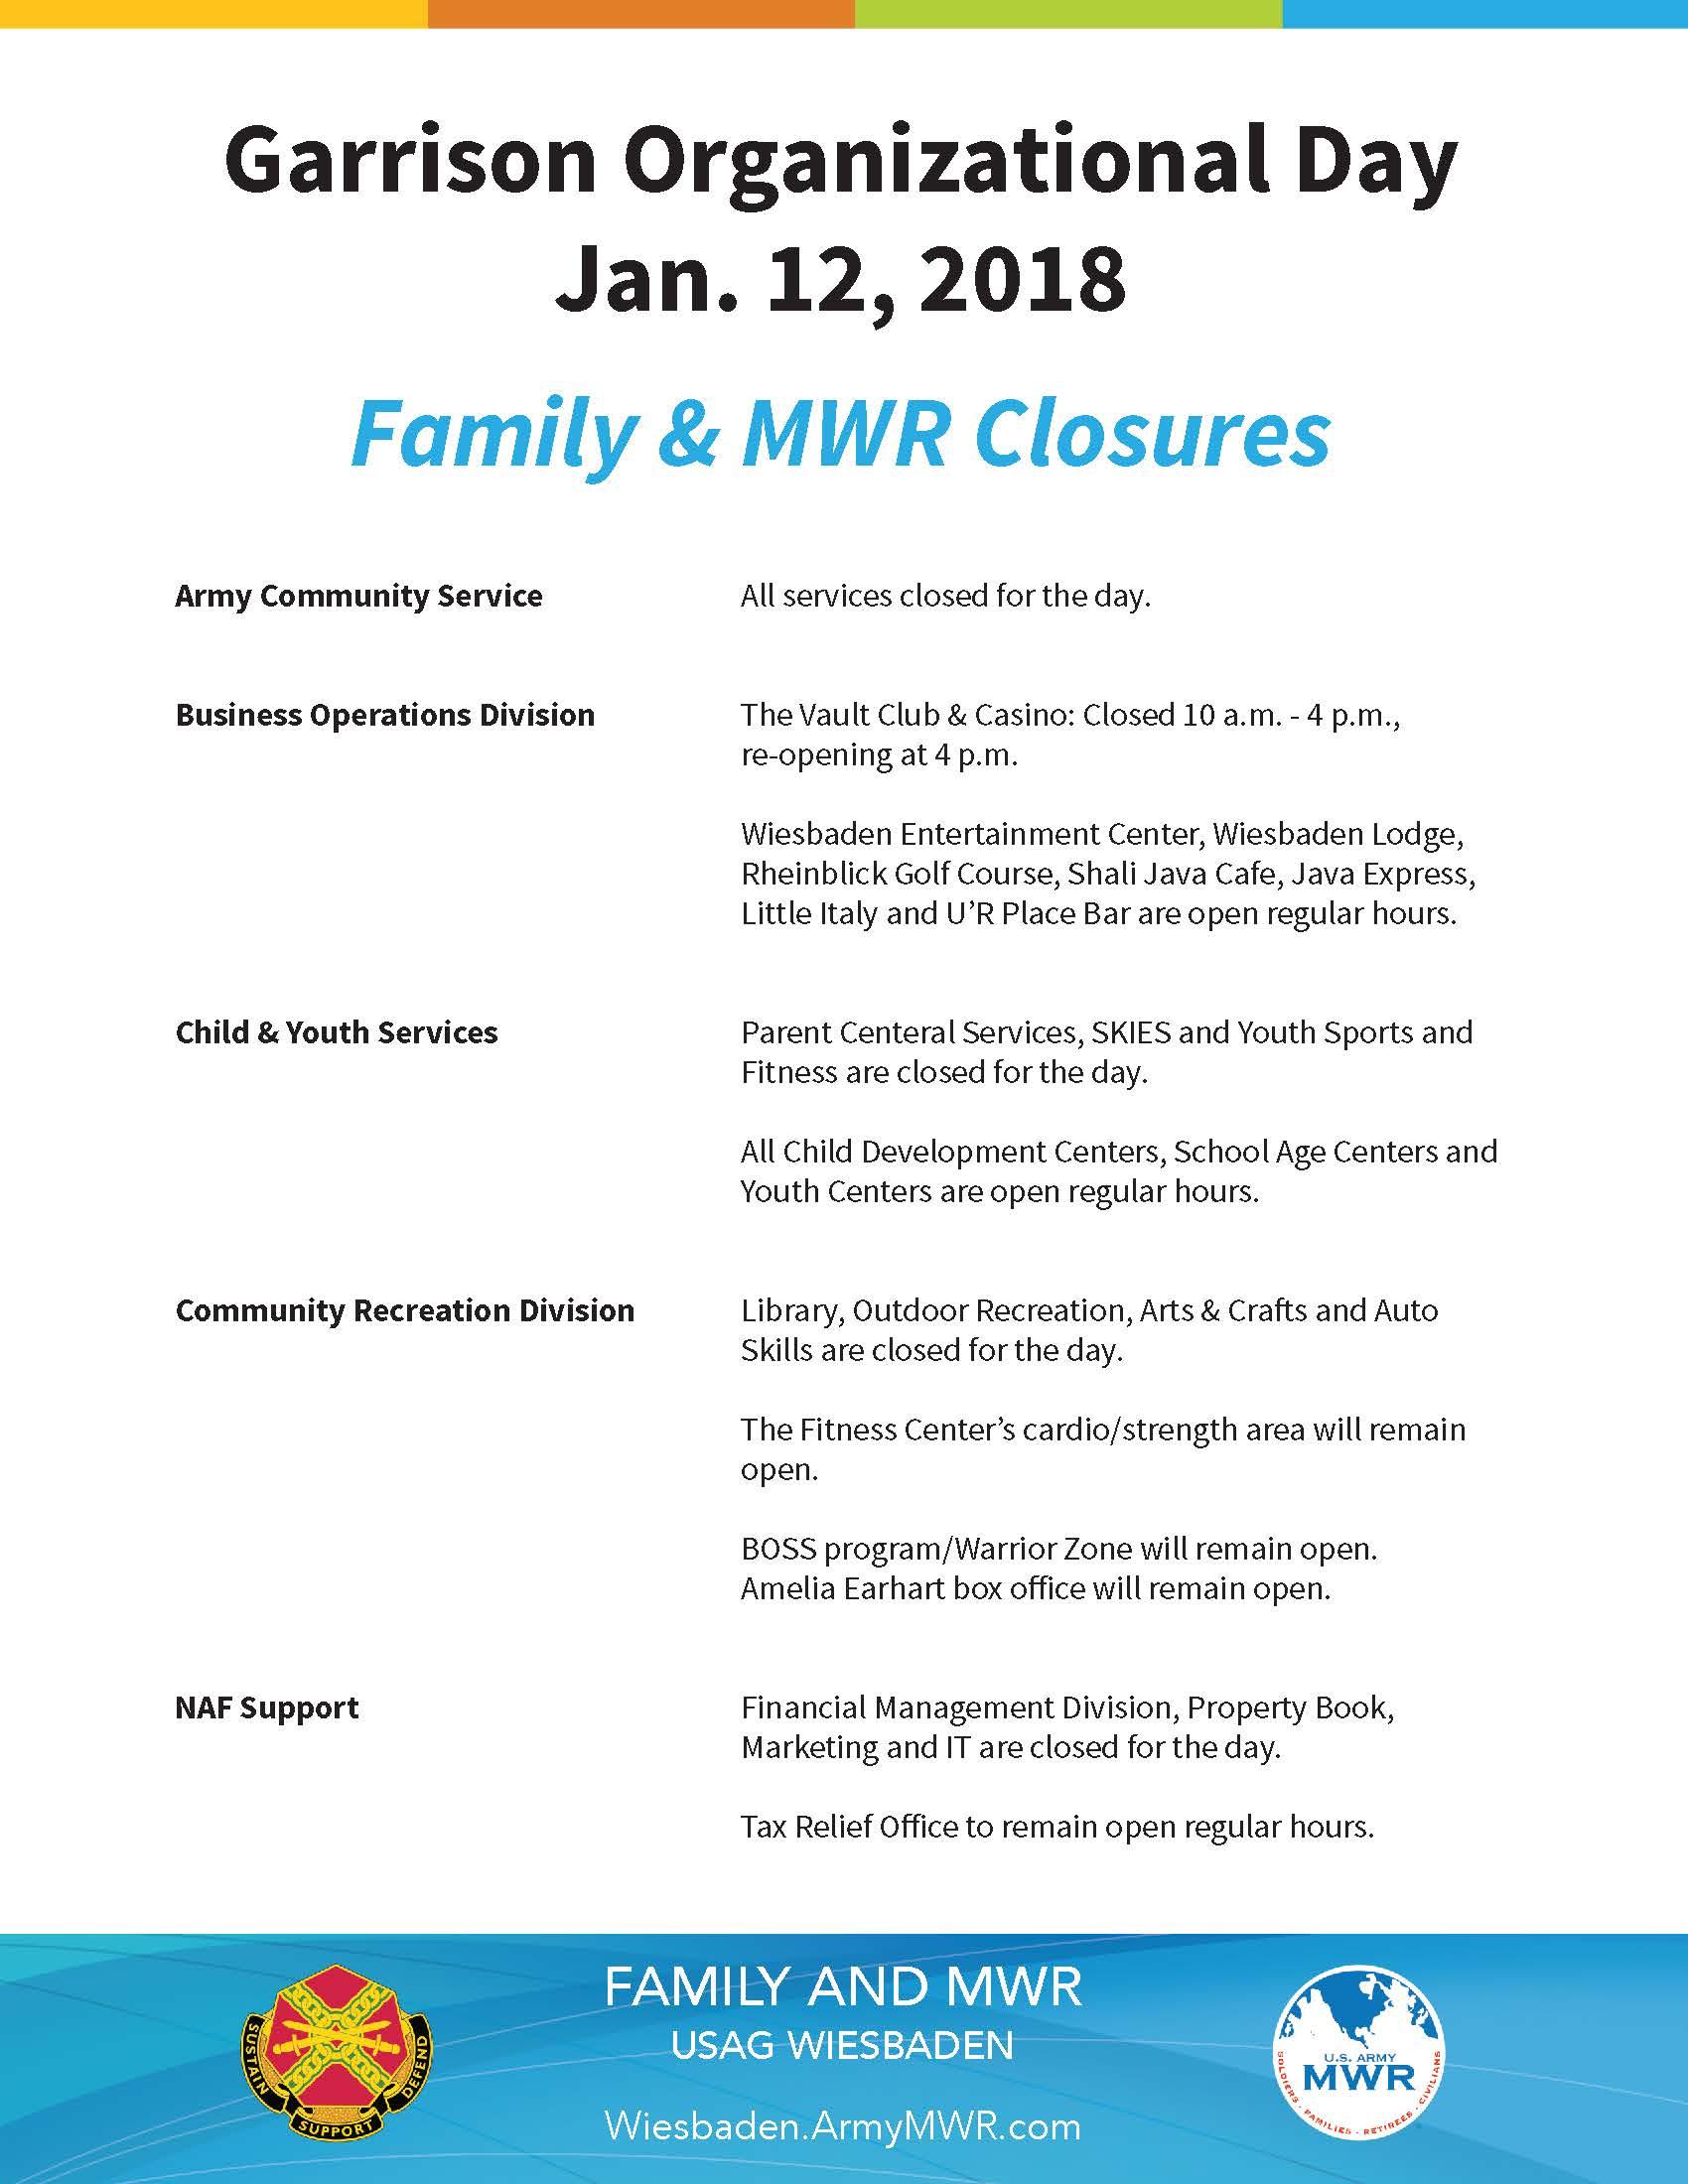 Garrison Org Day Closures online.jpg